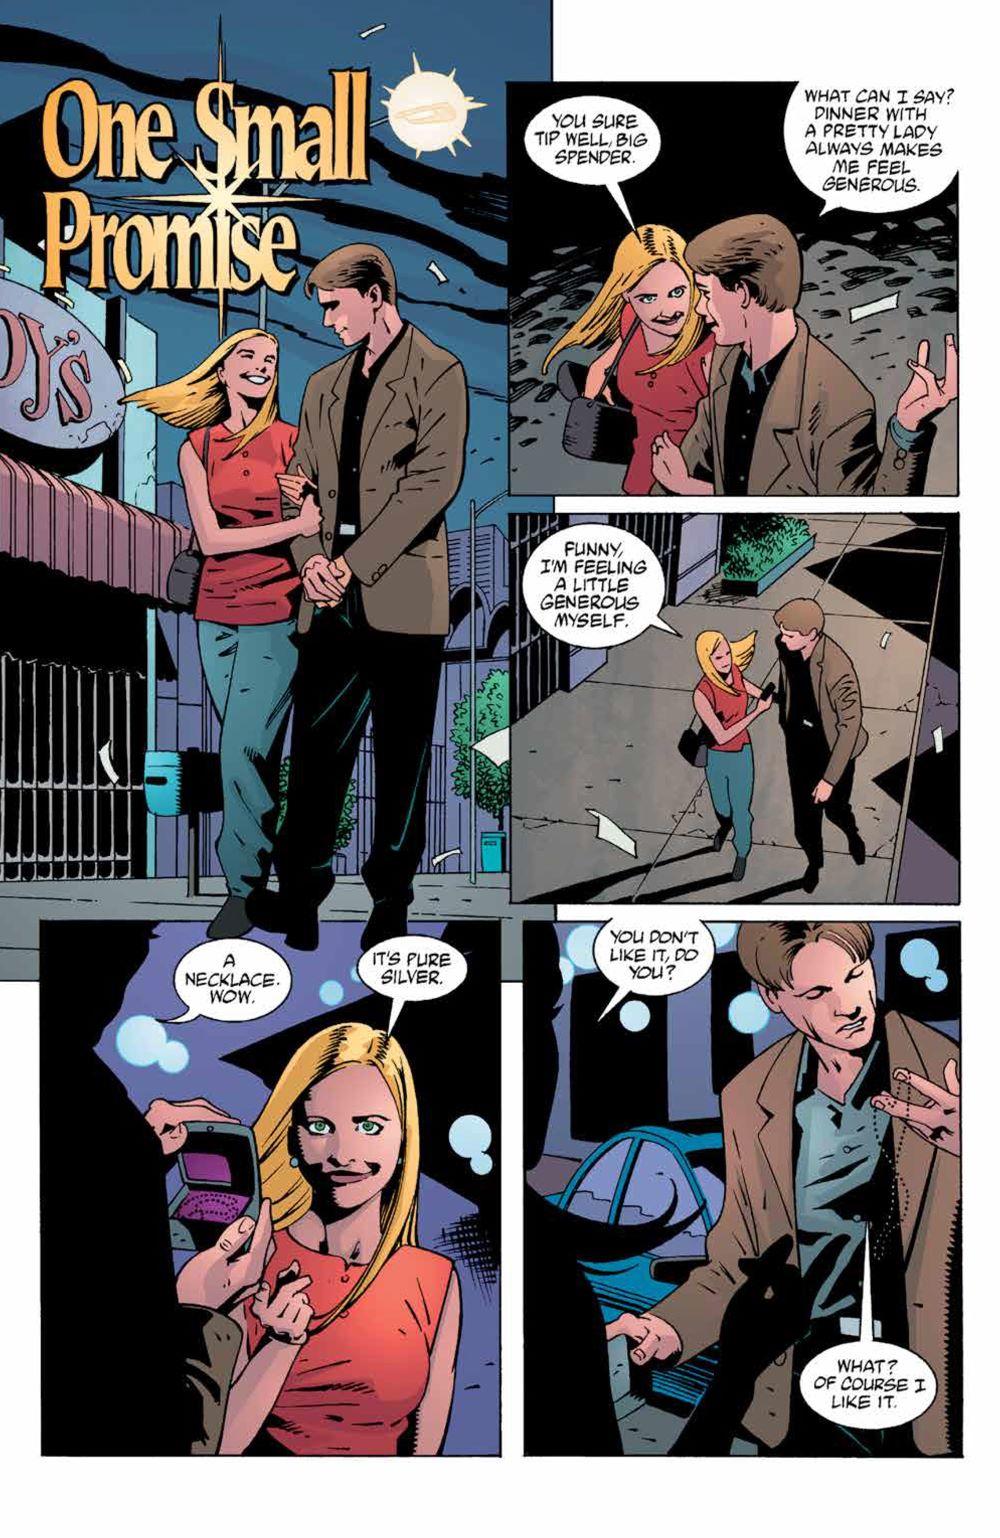 Buffy_Legacy_v4_SC_PRESS_9 ComicList Previews: BUFFY THE VAMPIRE SLAYER LEGACY EDITION VOLUME 4 SC